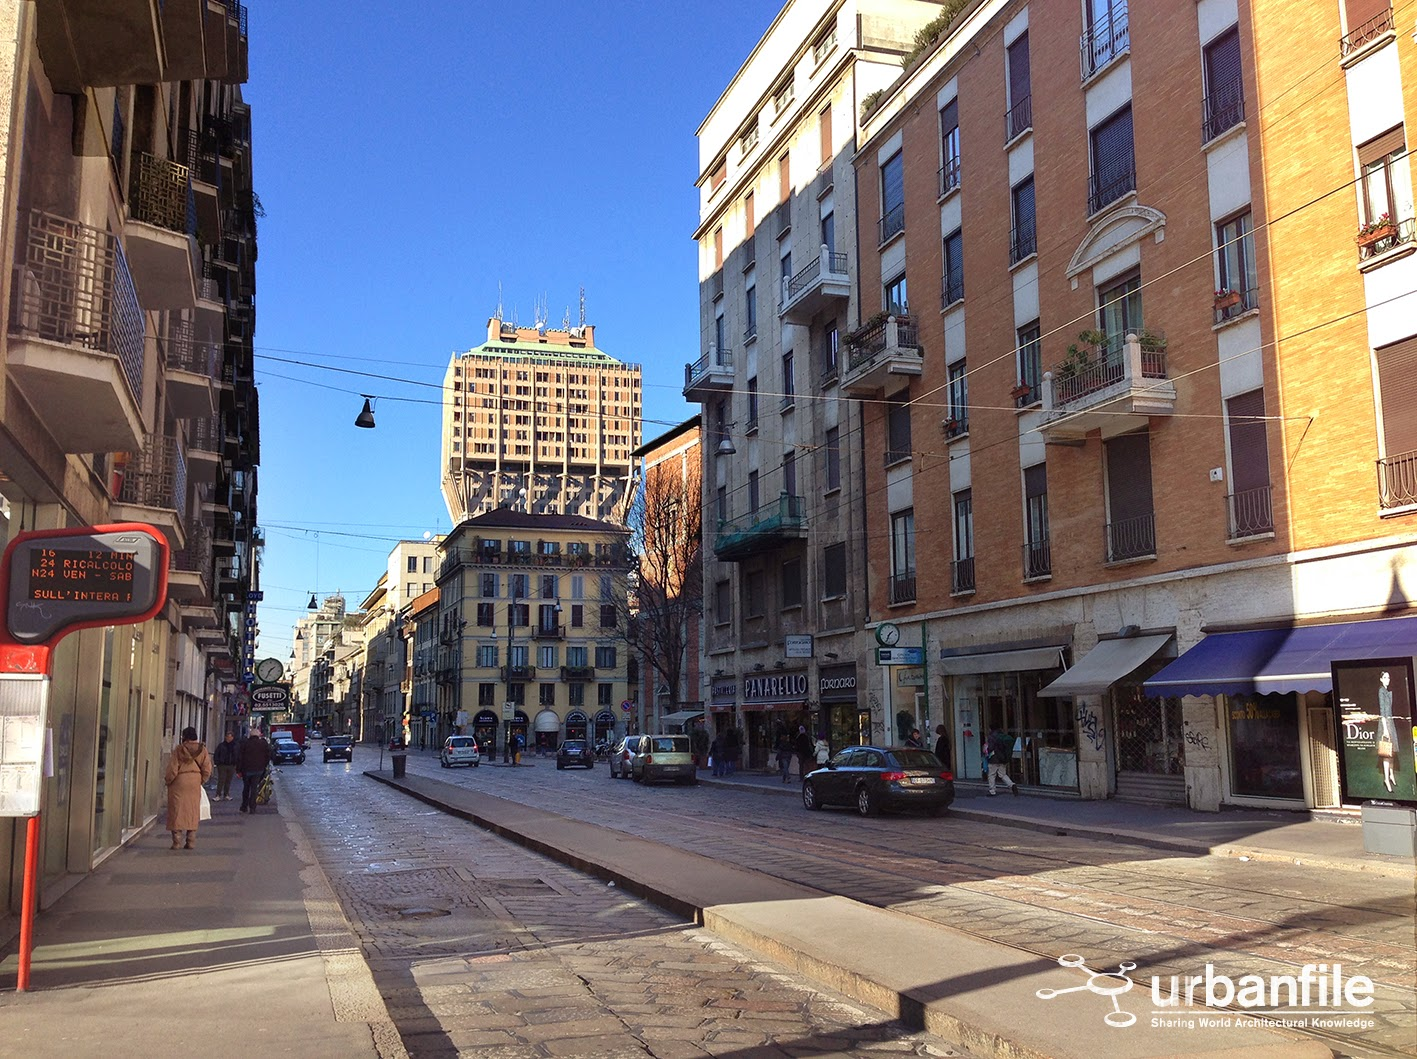 Milano porta romana la scomparsa porta medievale for Corso di porta genova milano